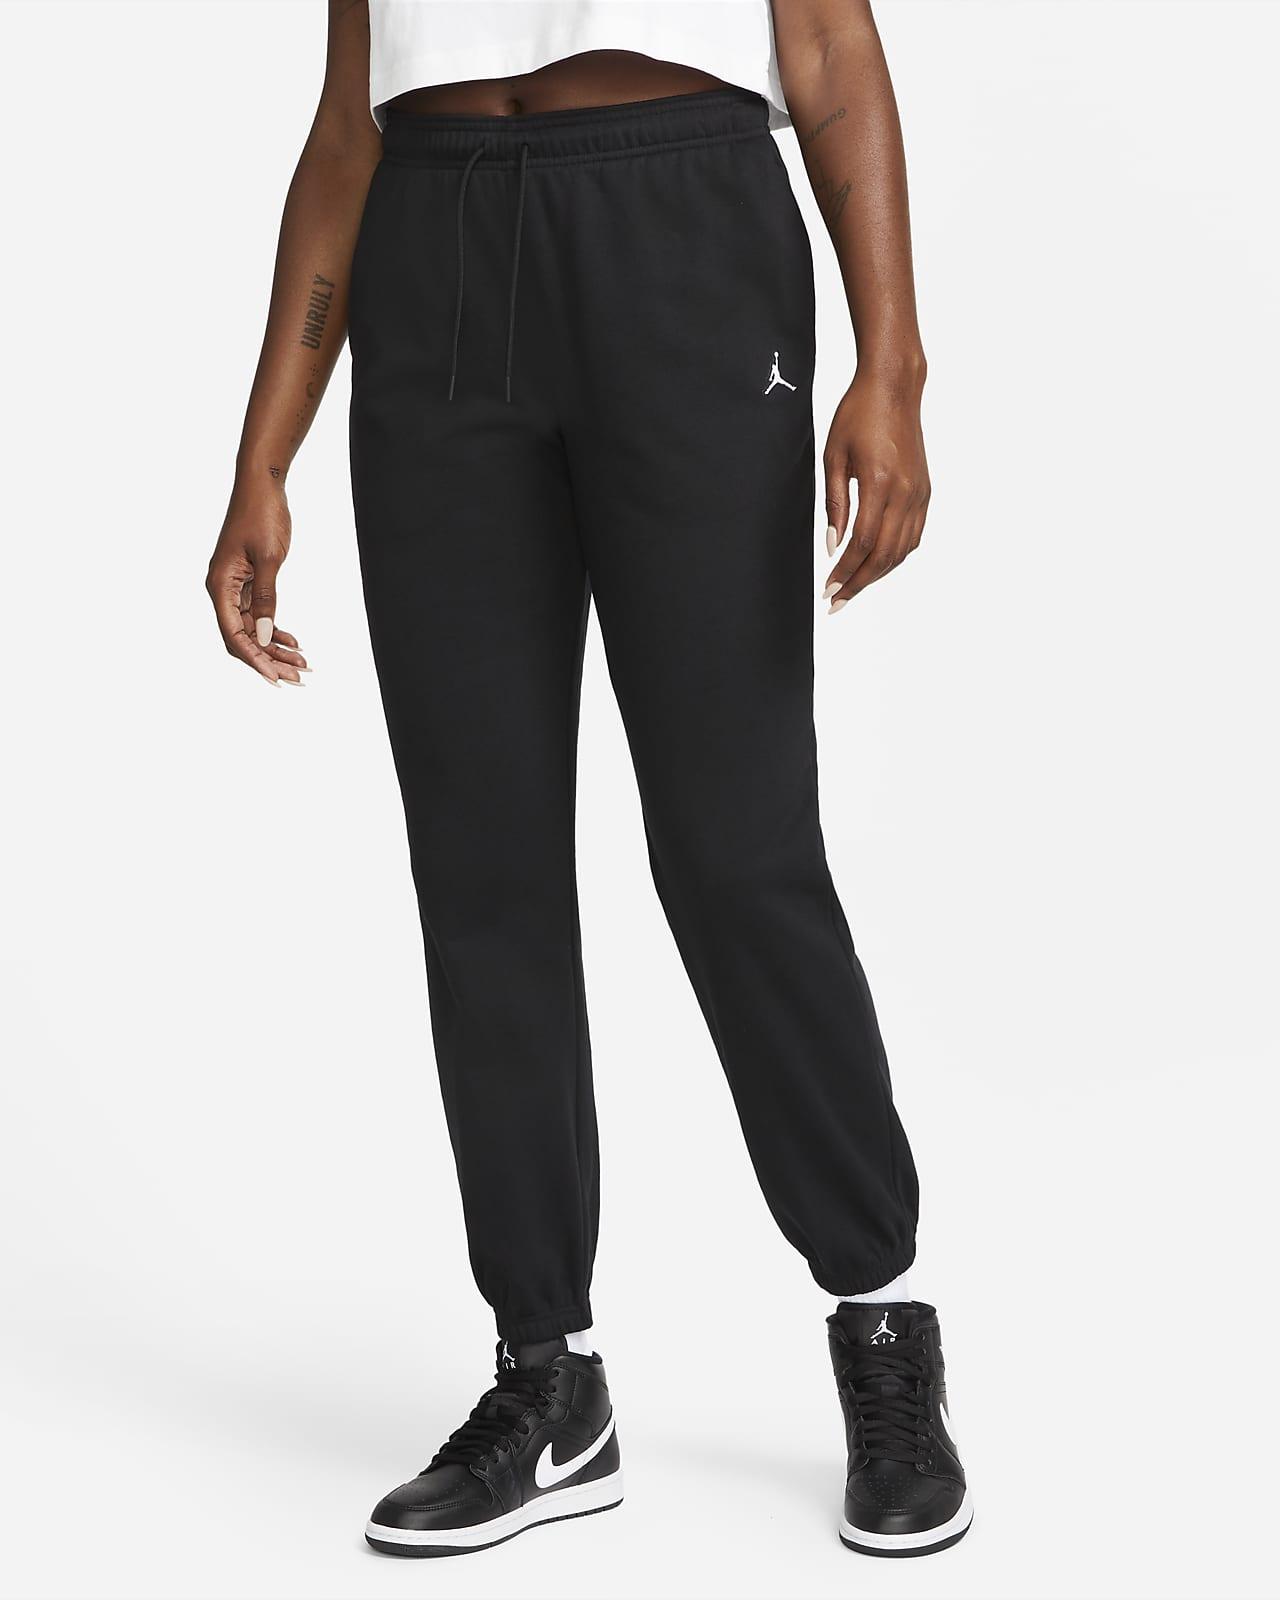 กางเกงขายาวผ้าฟลีซผู้หญิง Jordan Essentials